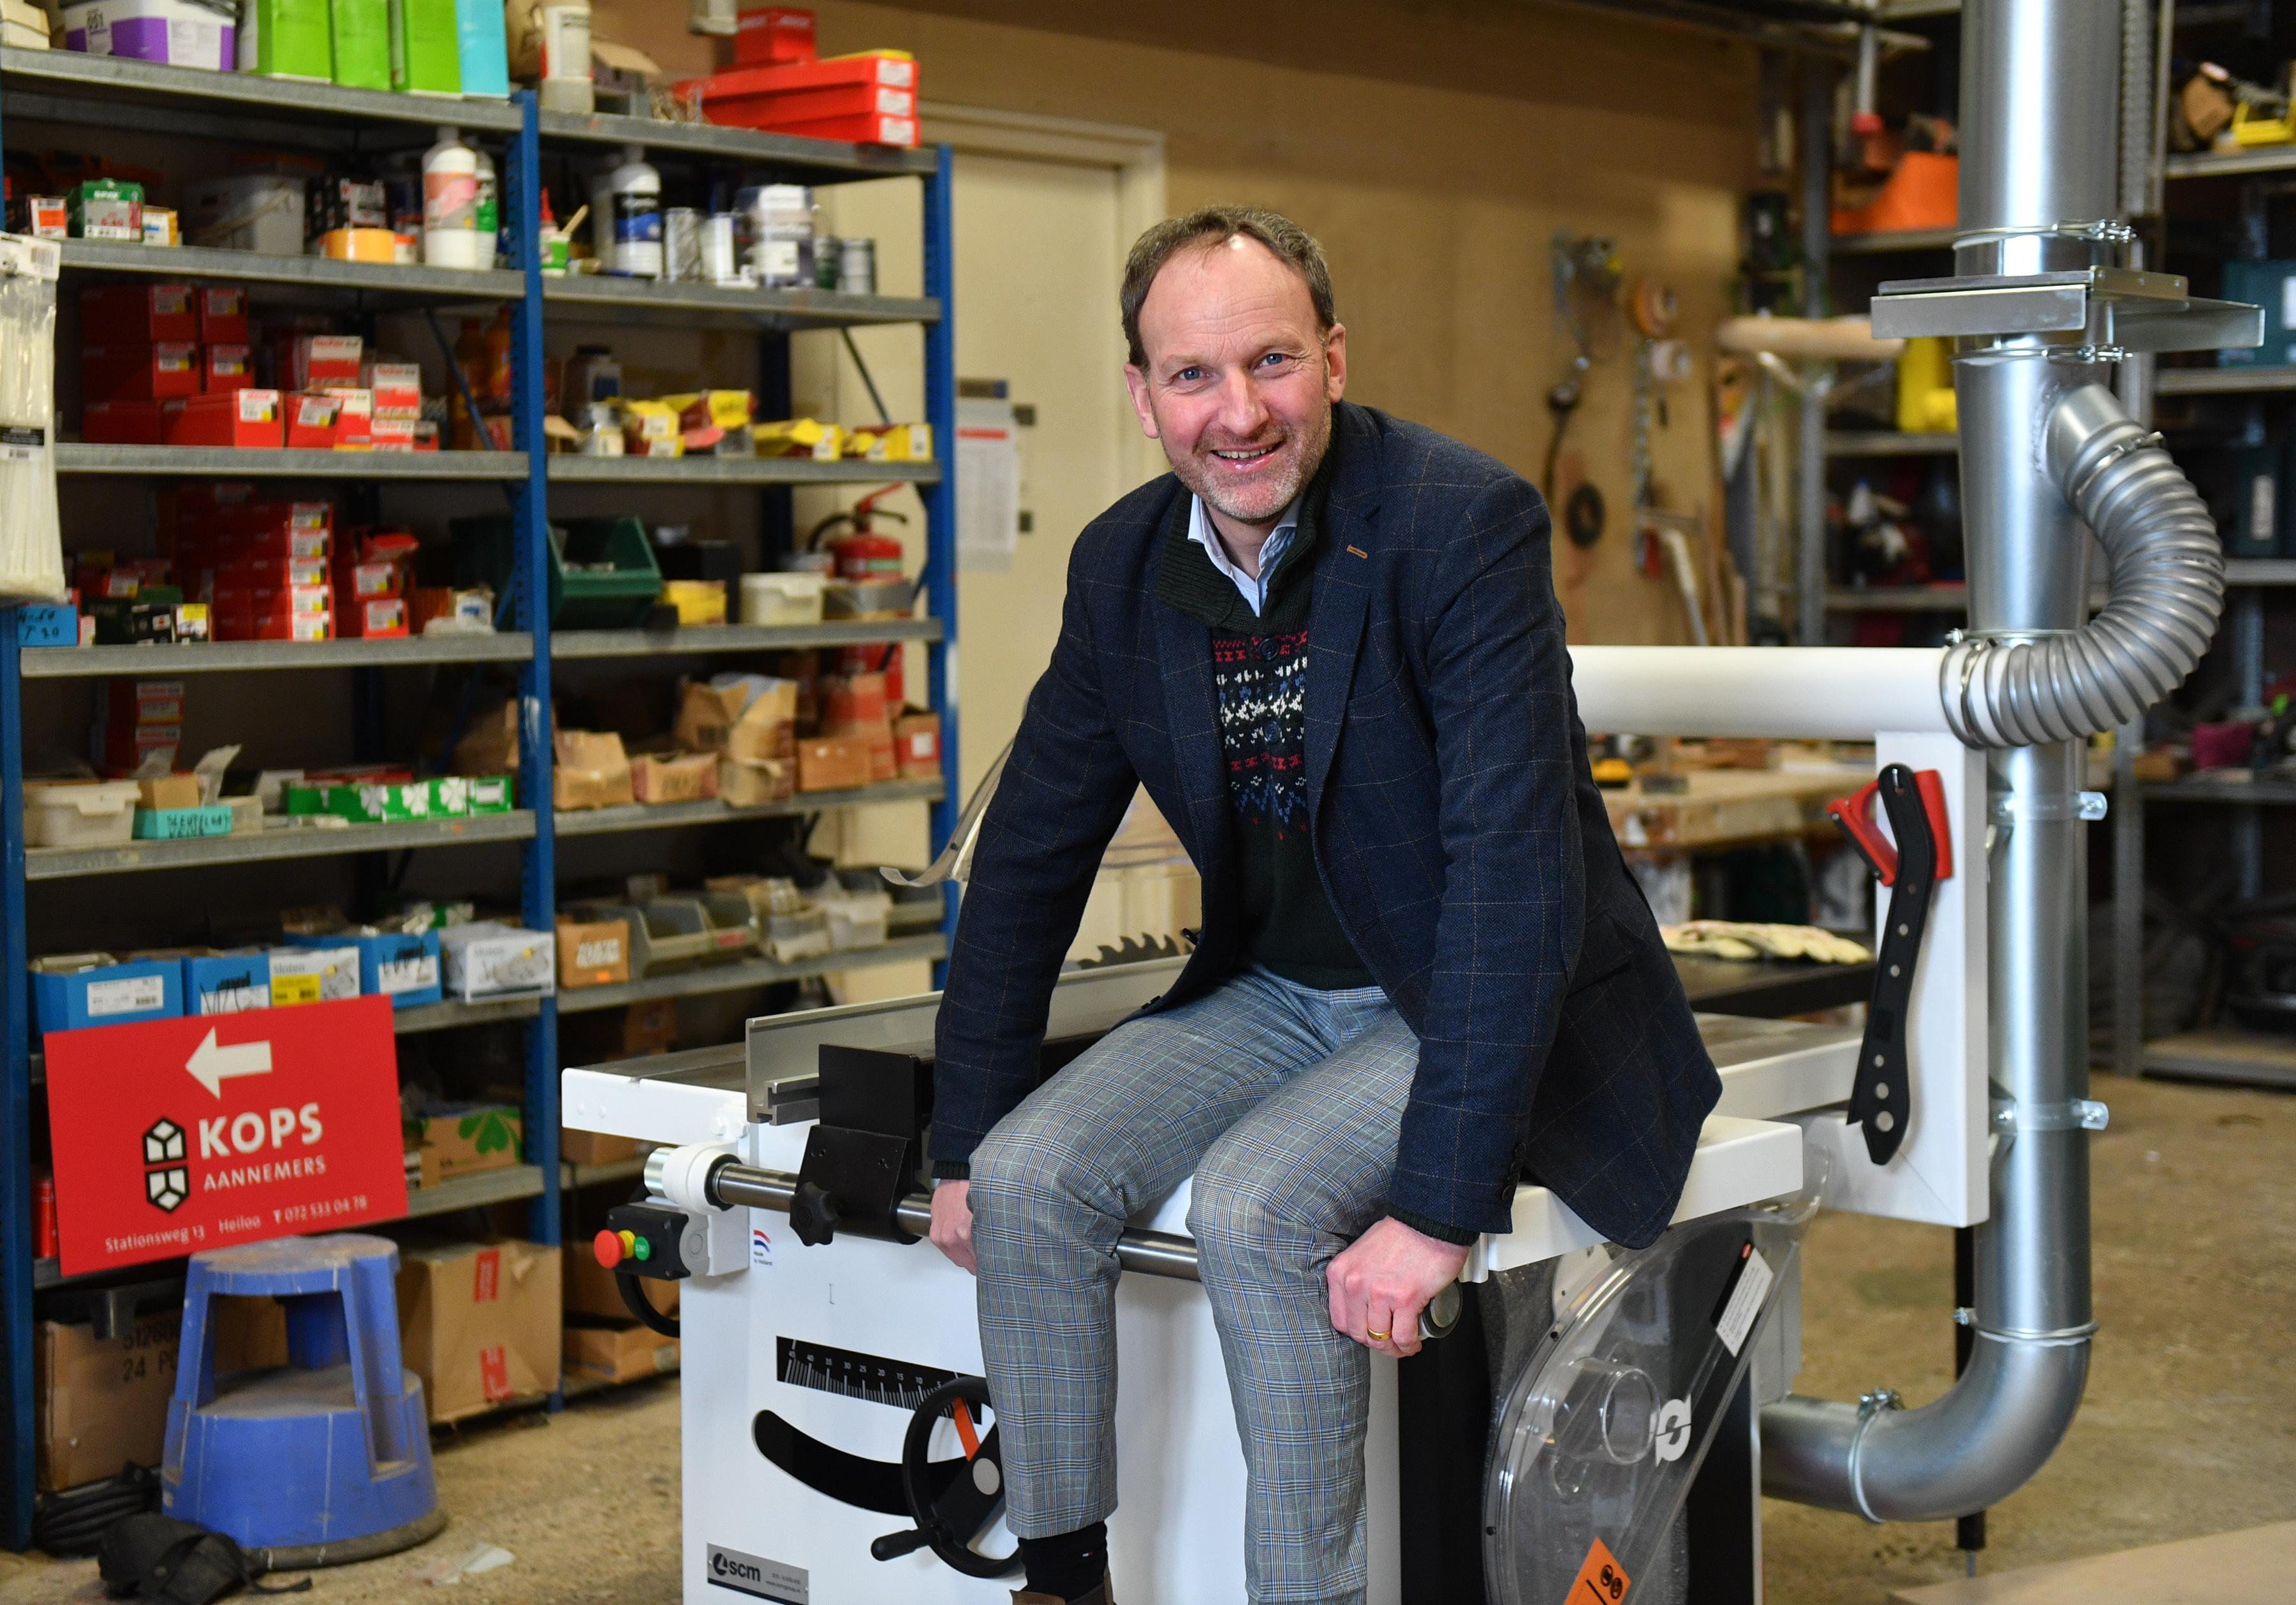 Wielrenner Patrick Kops uit Heiloo vormde tien jaar lang succesvol koppel met gangmaker Willem Fack: 'Wij waren een gouden combinatie, een echte twee-eenheid'